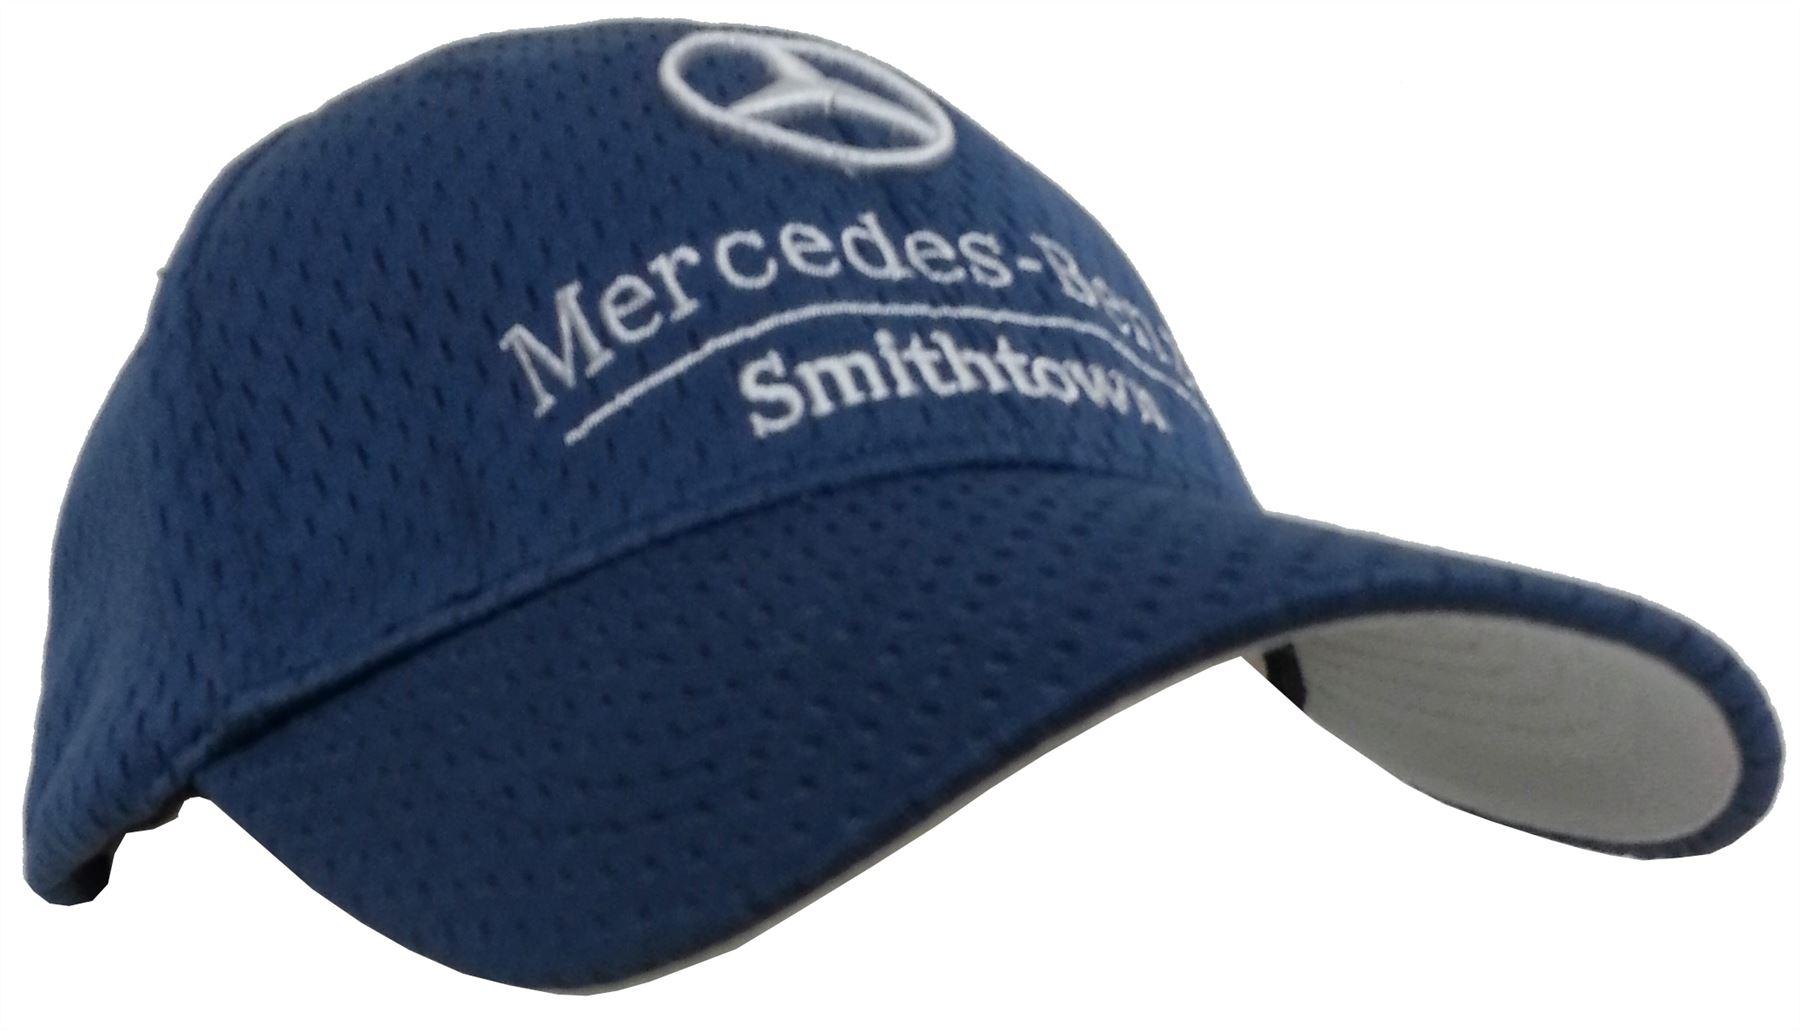 Mercedes benz car hats selection of adult baseball cap for Mercedes benz caps hats